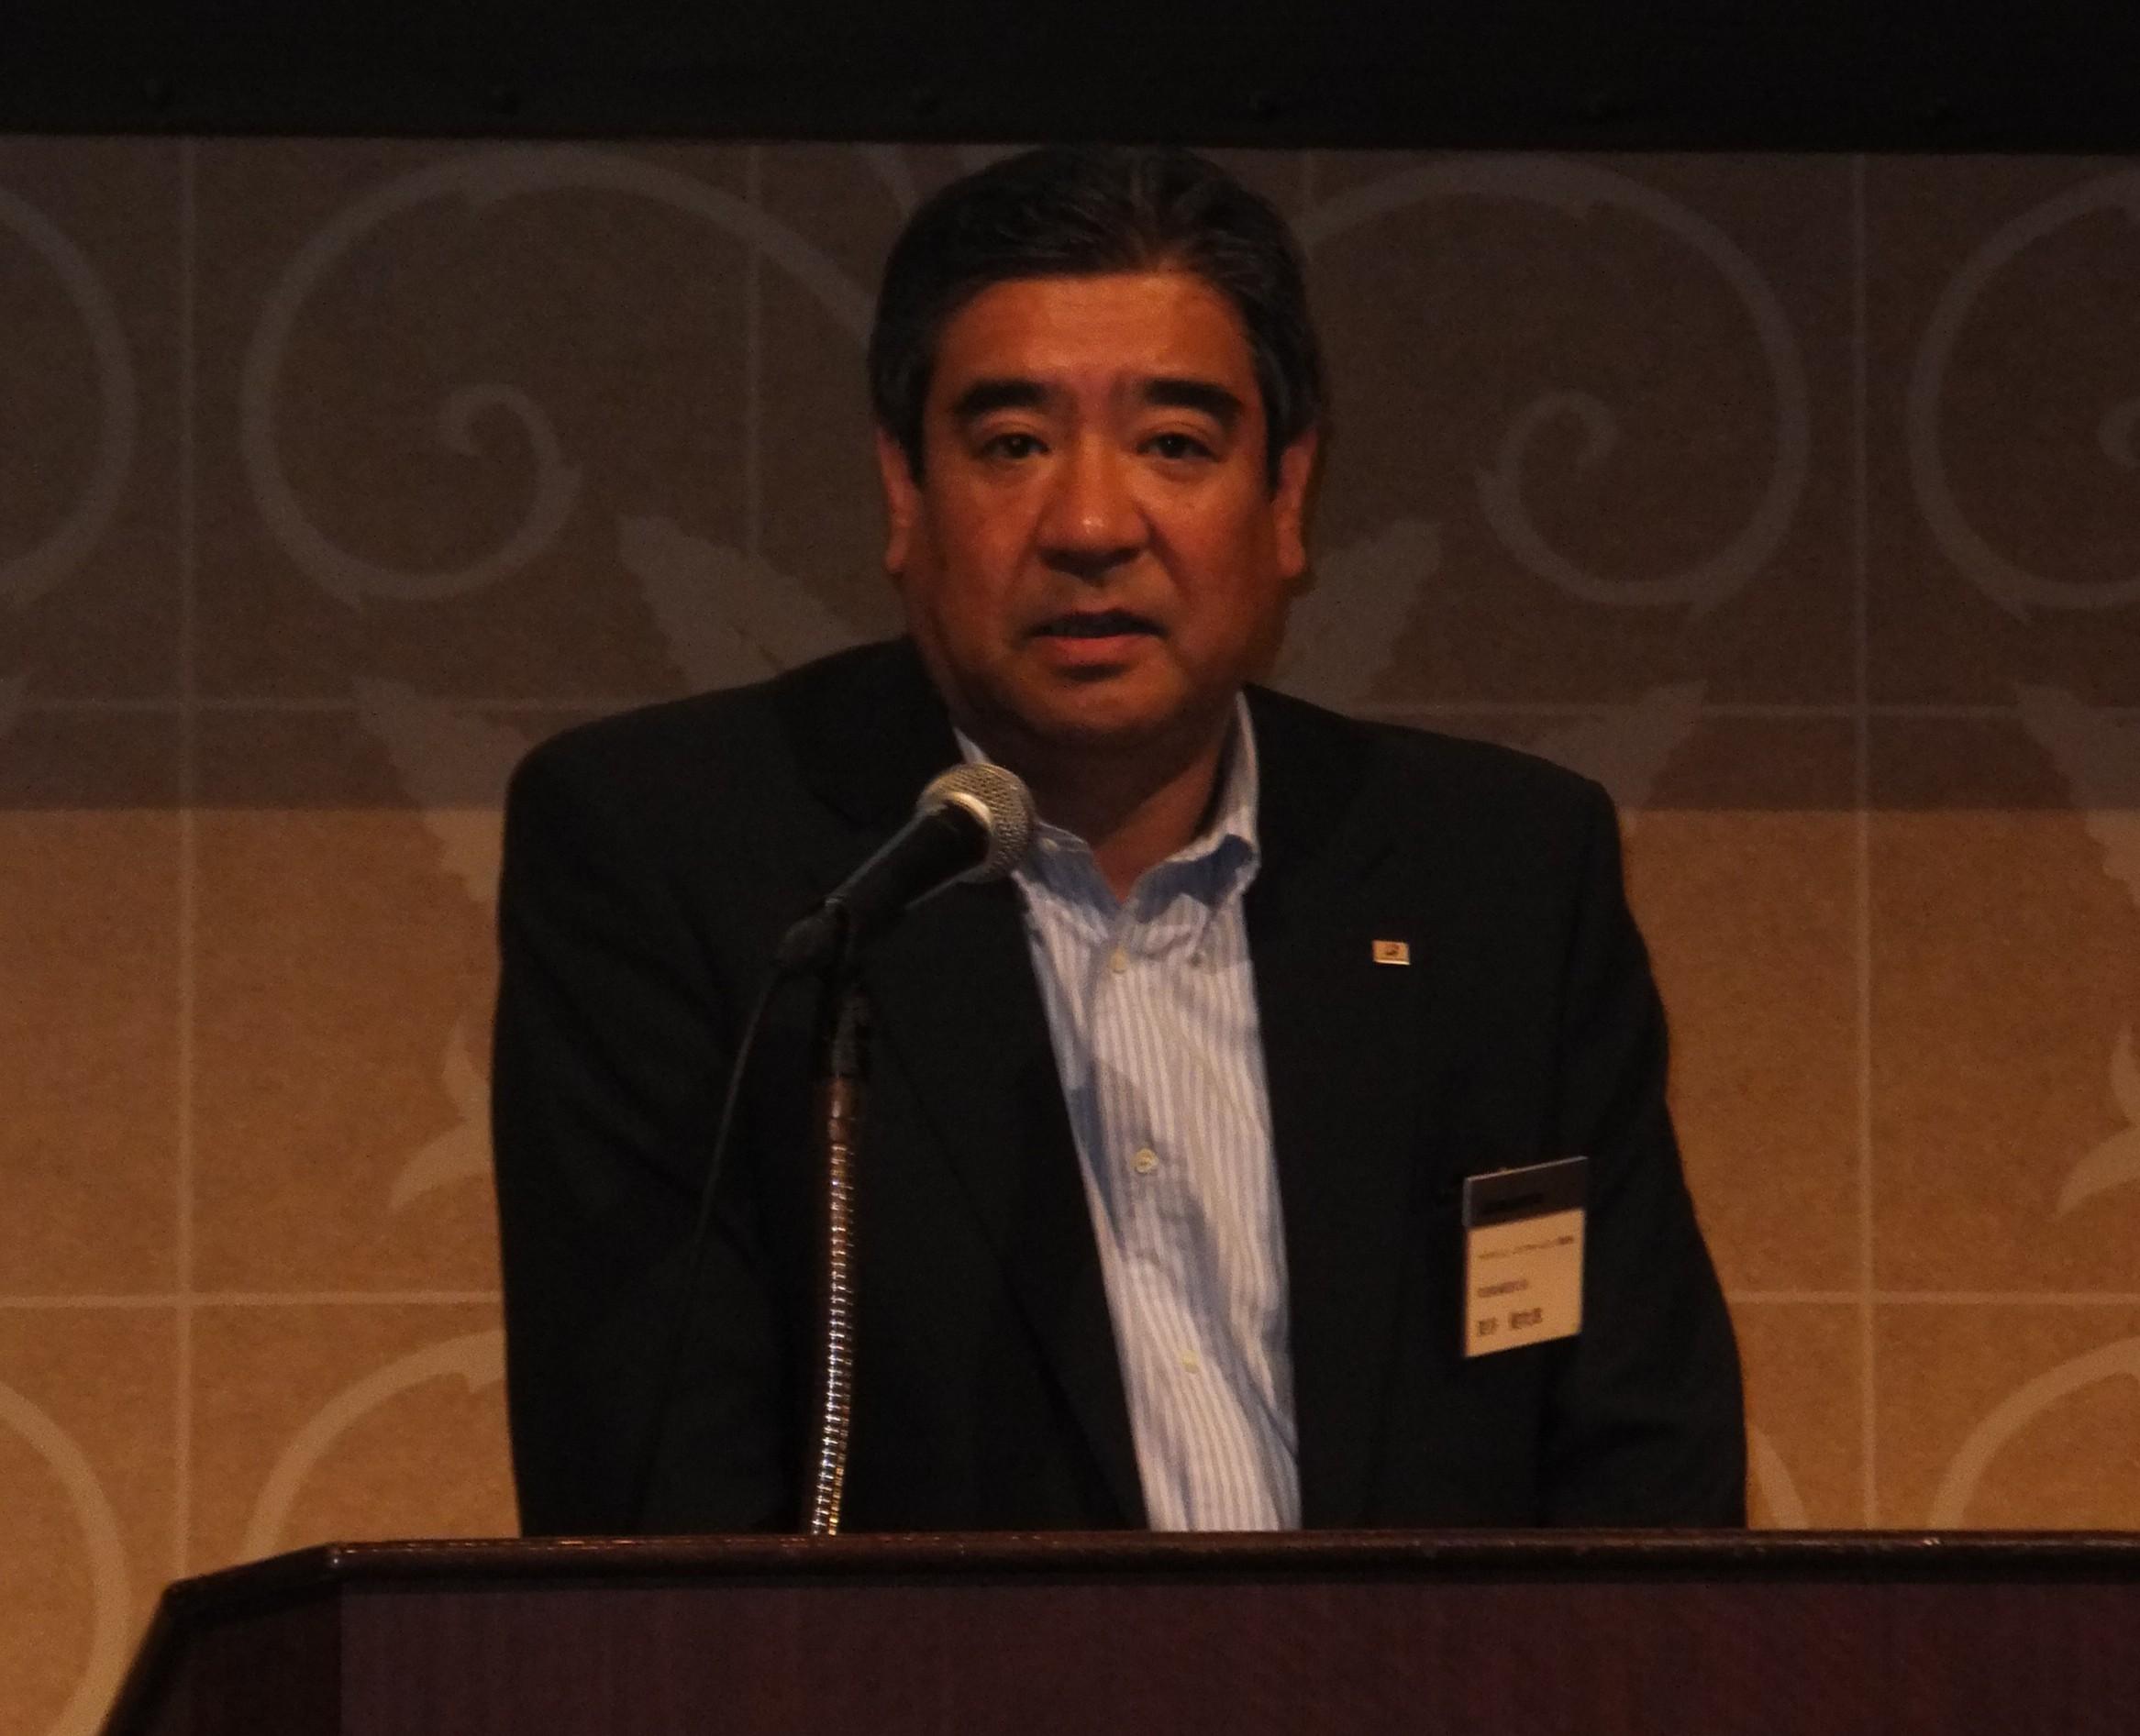 深谷社長の開会の挨拶